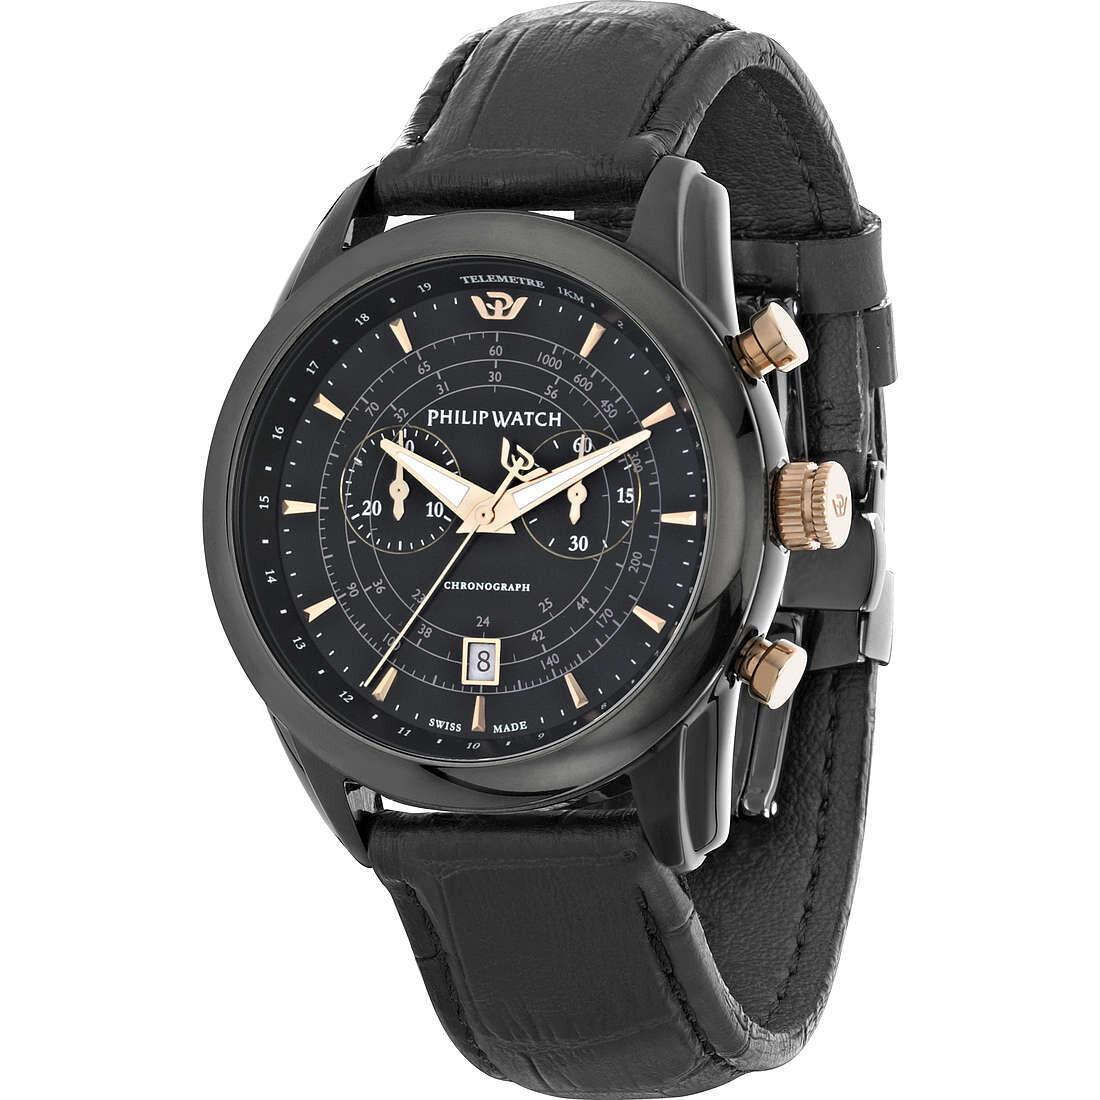 PHILIP WATCH R8271996004 Uomo 44mm Acciaio Pelle Nero Nero Quarzo Cronografo 10ATM